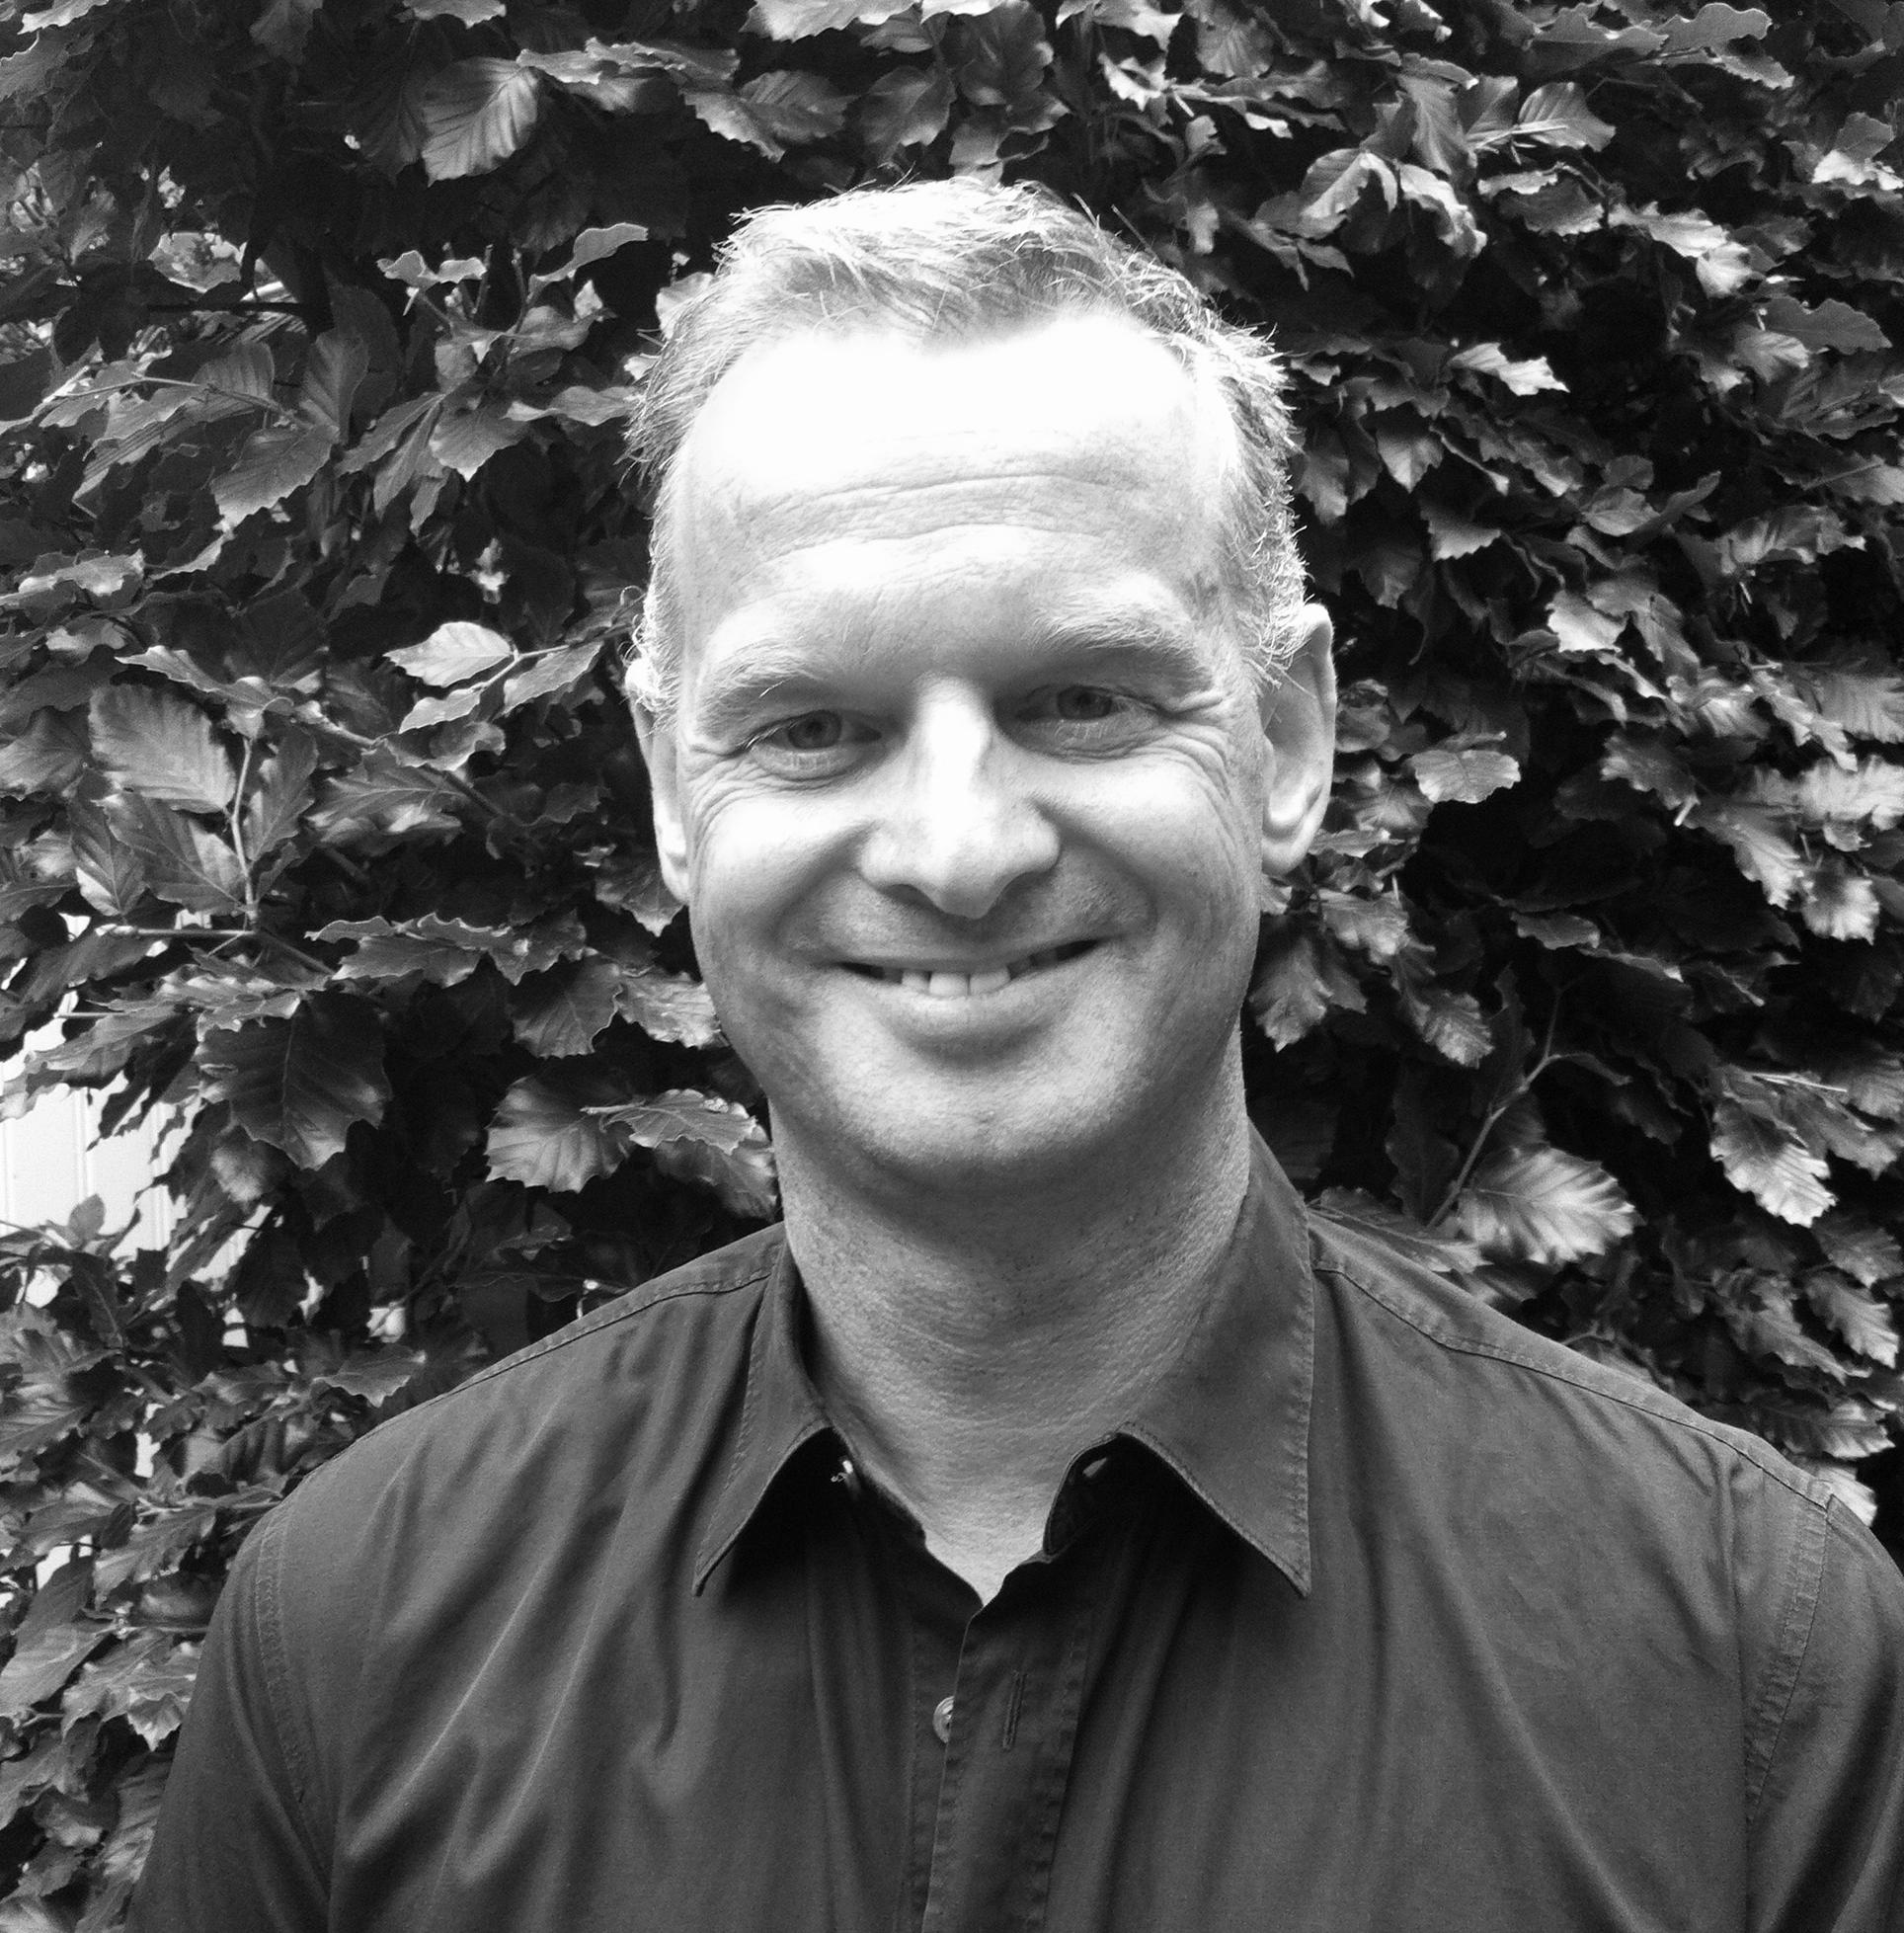 Michel van der Sluijs